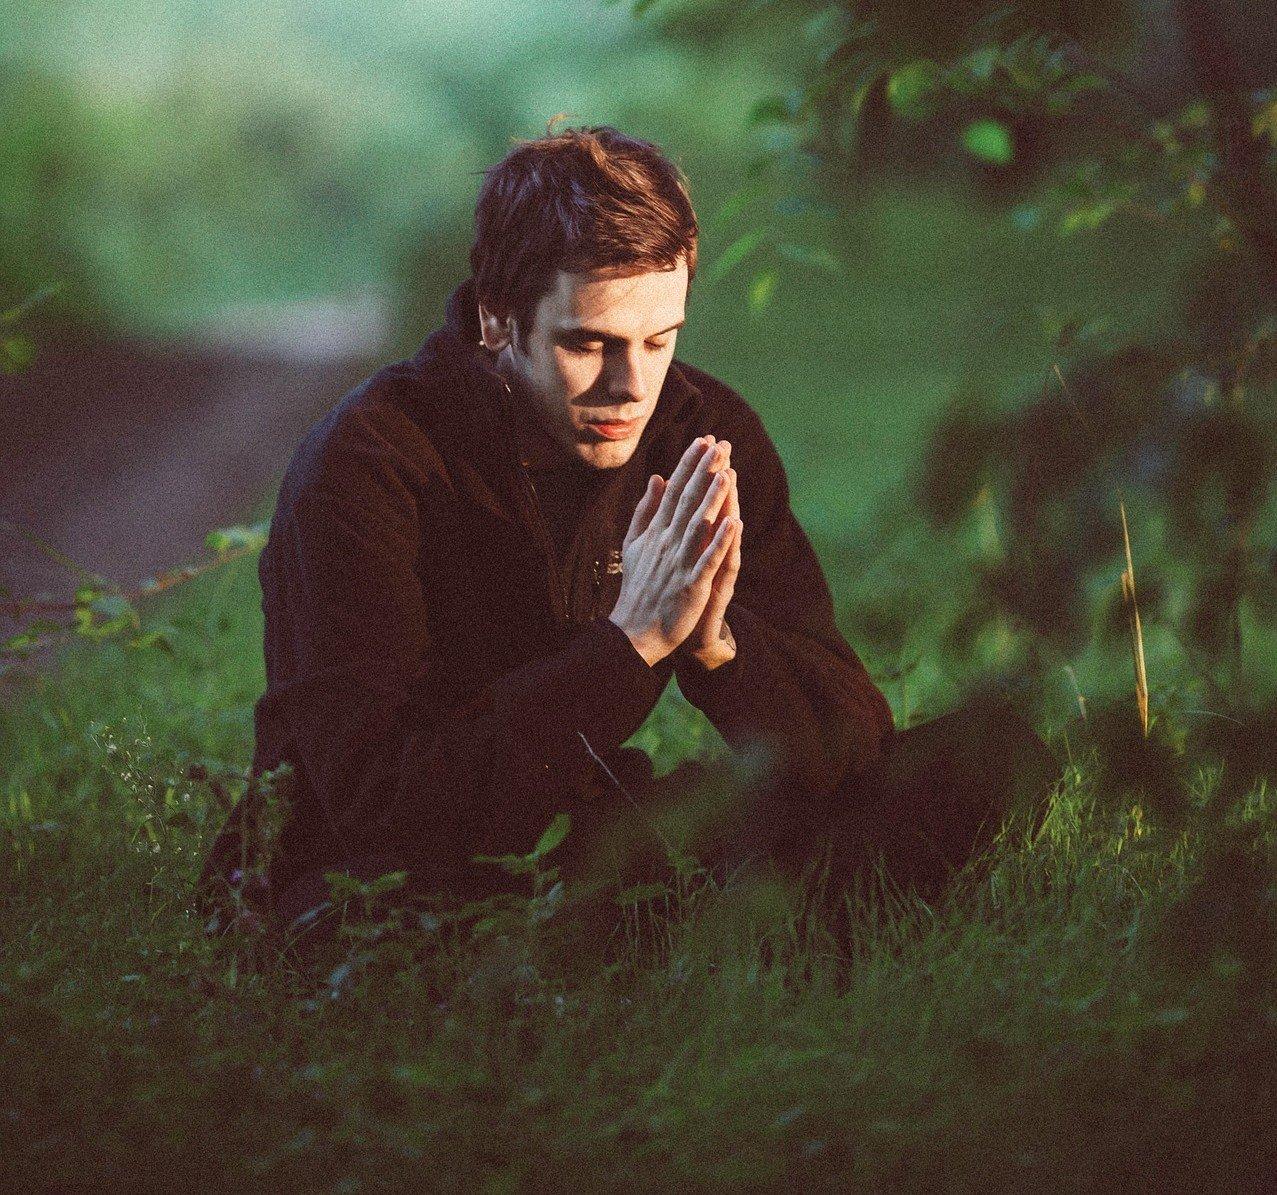 Votre âme est parfois triste et vous recherchez la Paix ? Parcourez ce fil de discussion... - Page 2 Meditation-1350599_1920-e1477514008681